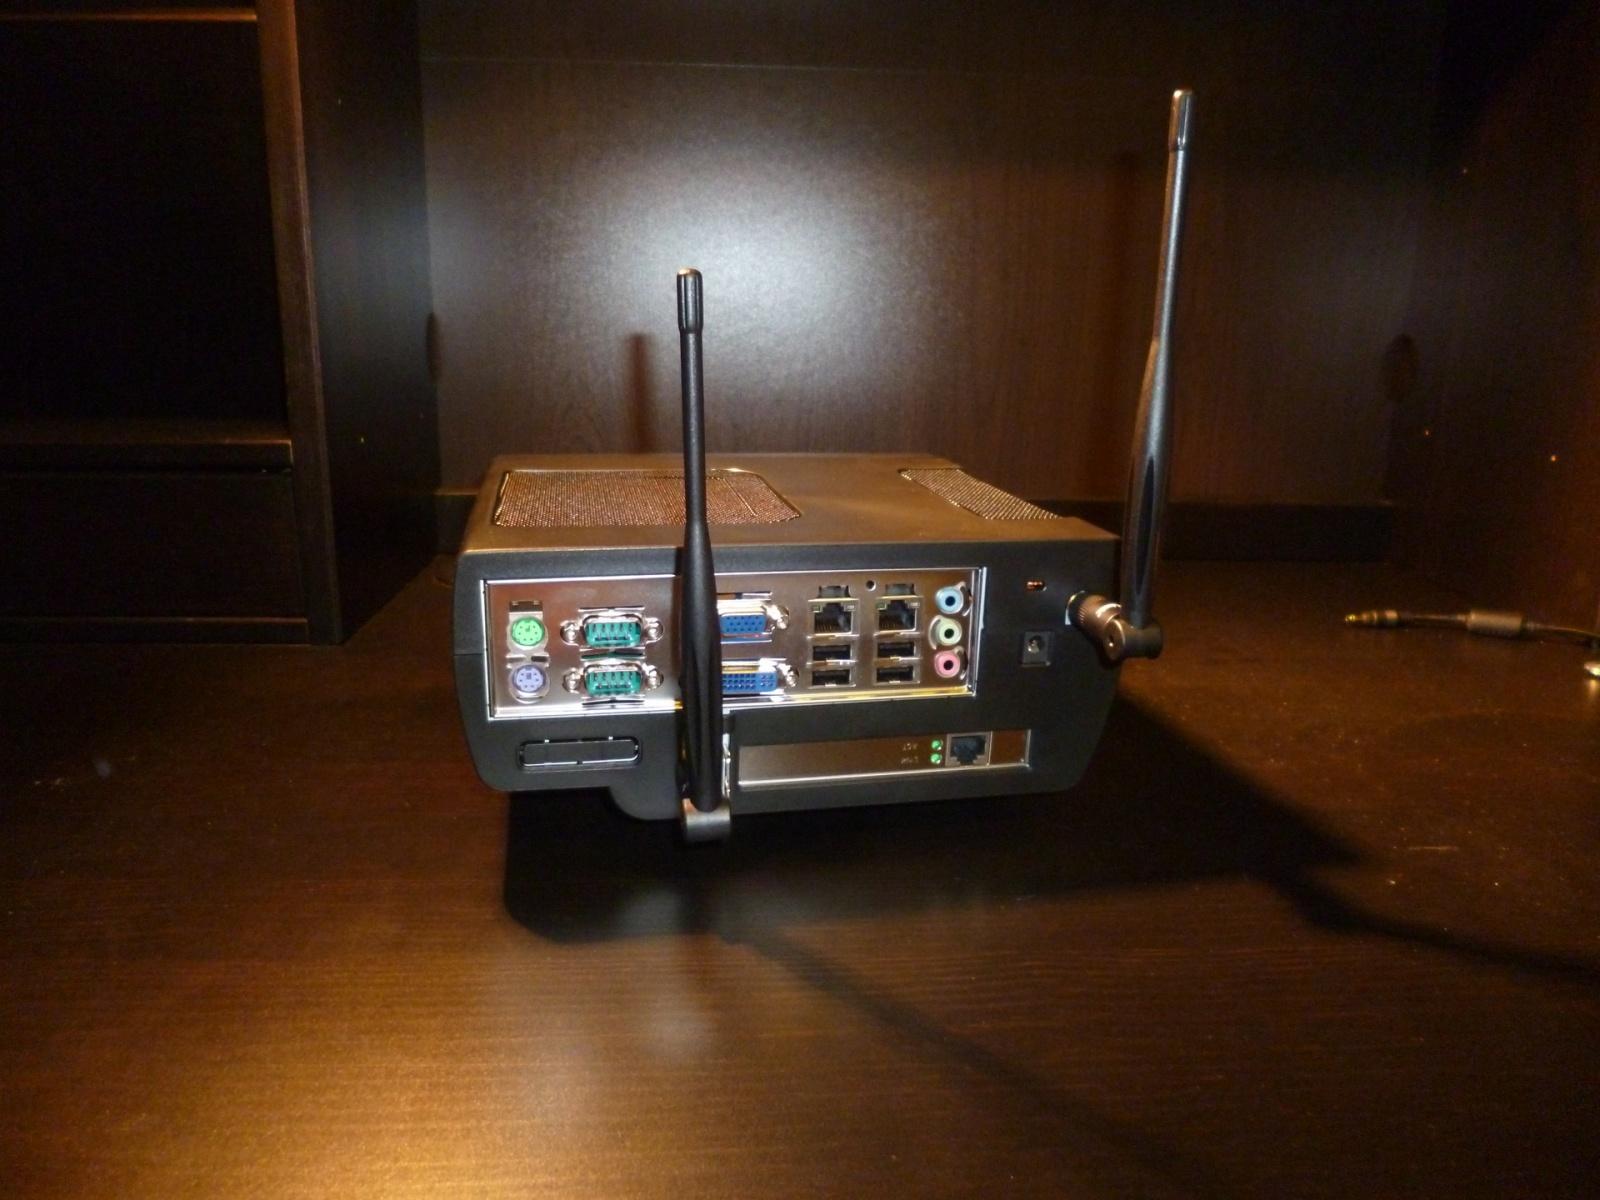 Опыт создания домашнего Wi-Fi маршрутизатора. Общий обзор - 12